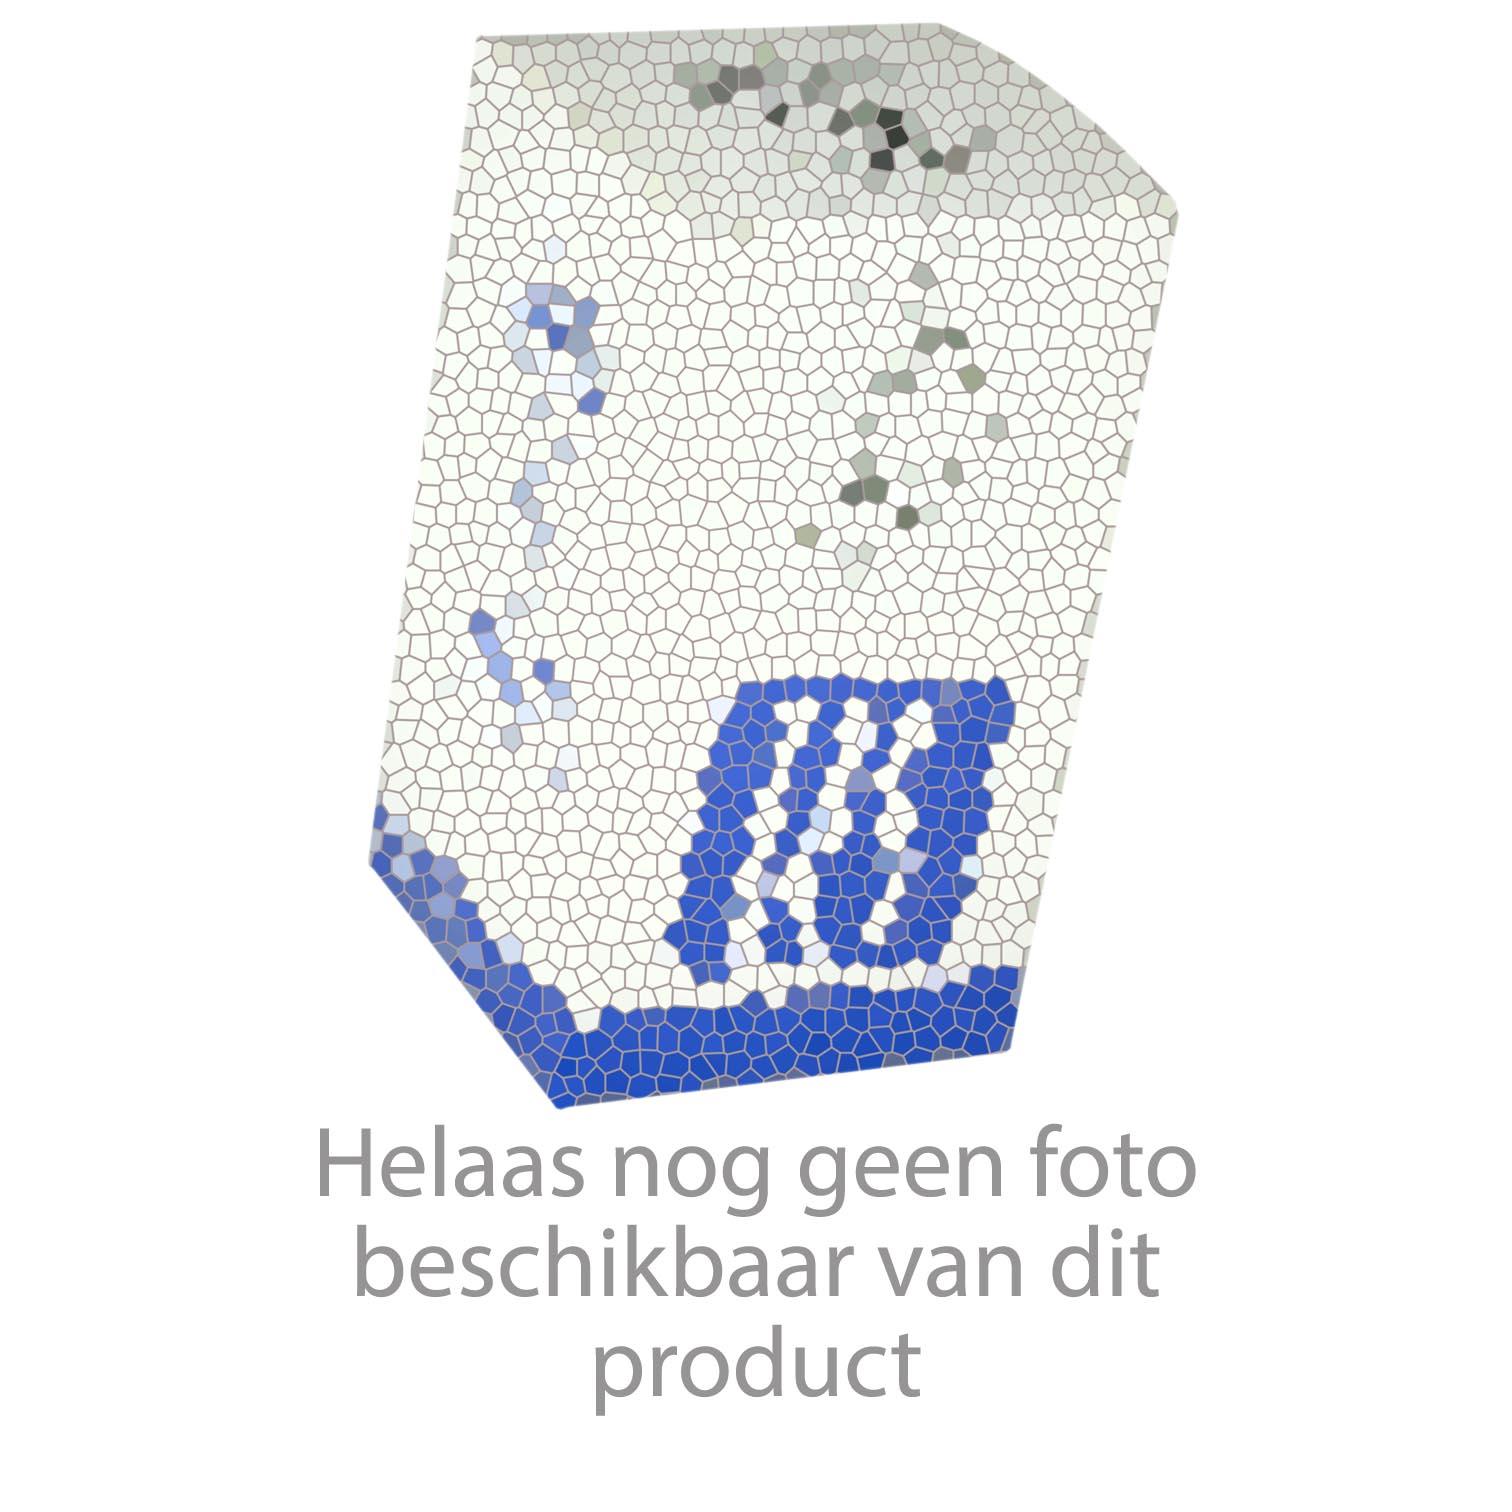 Doeco Solid Bladzeeppomp met 60 mm uitloop, inhoud: 500 ml. Montagegat:  26 mm. Maximale bladdikte: 50 mm Chroom